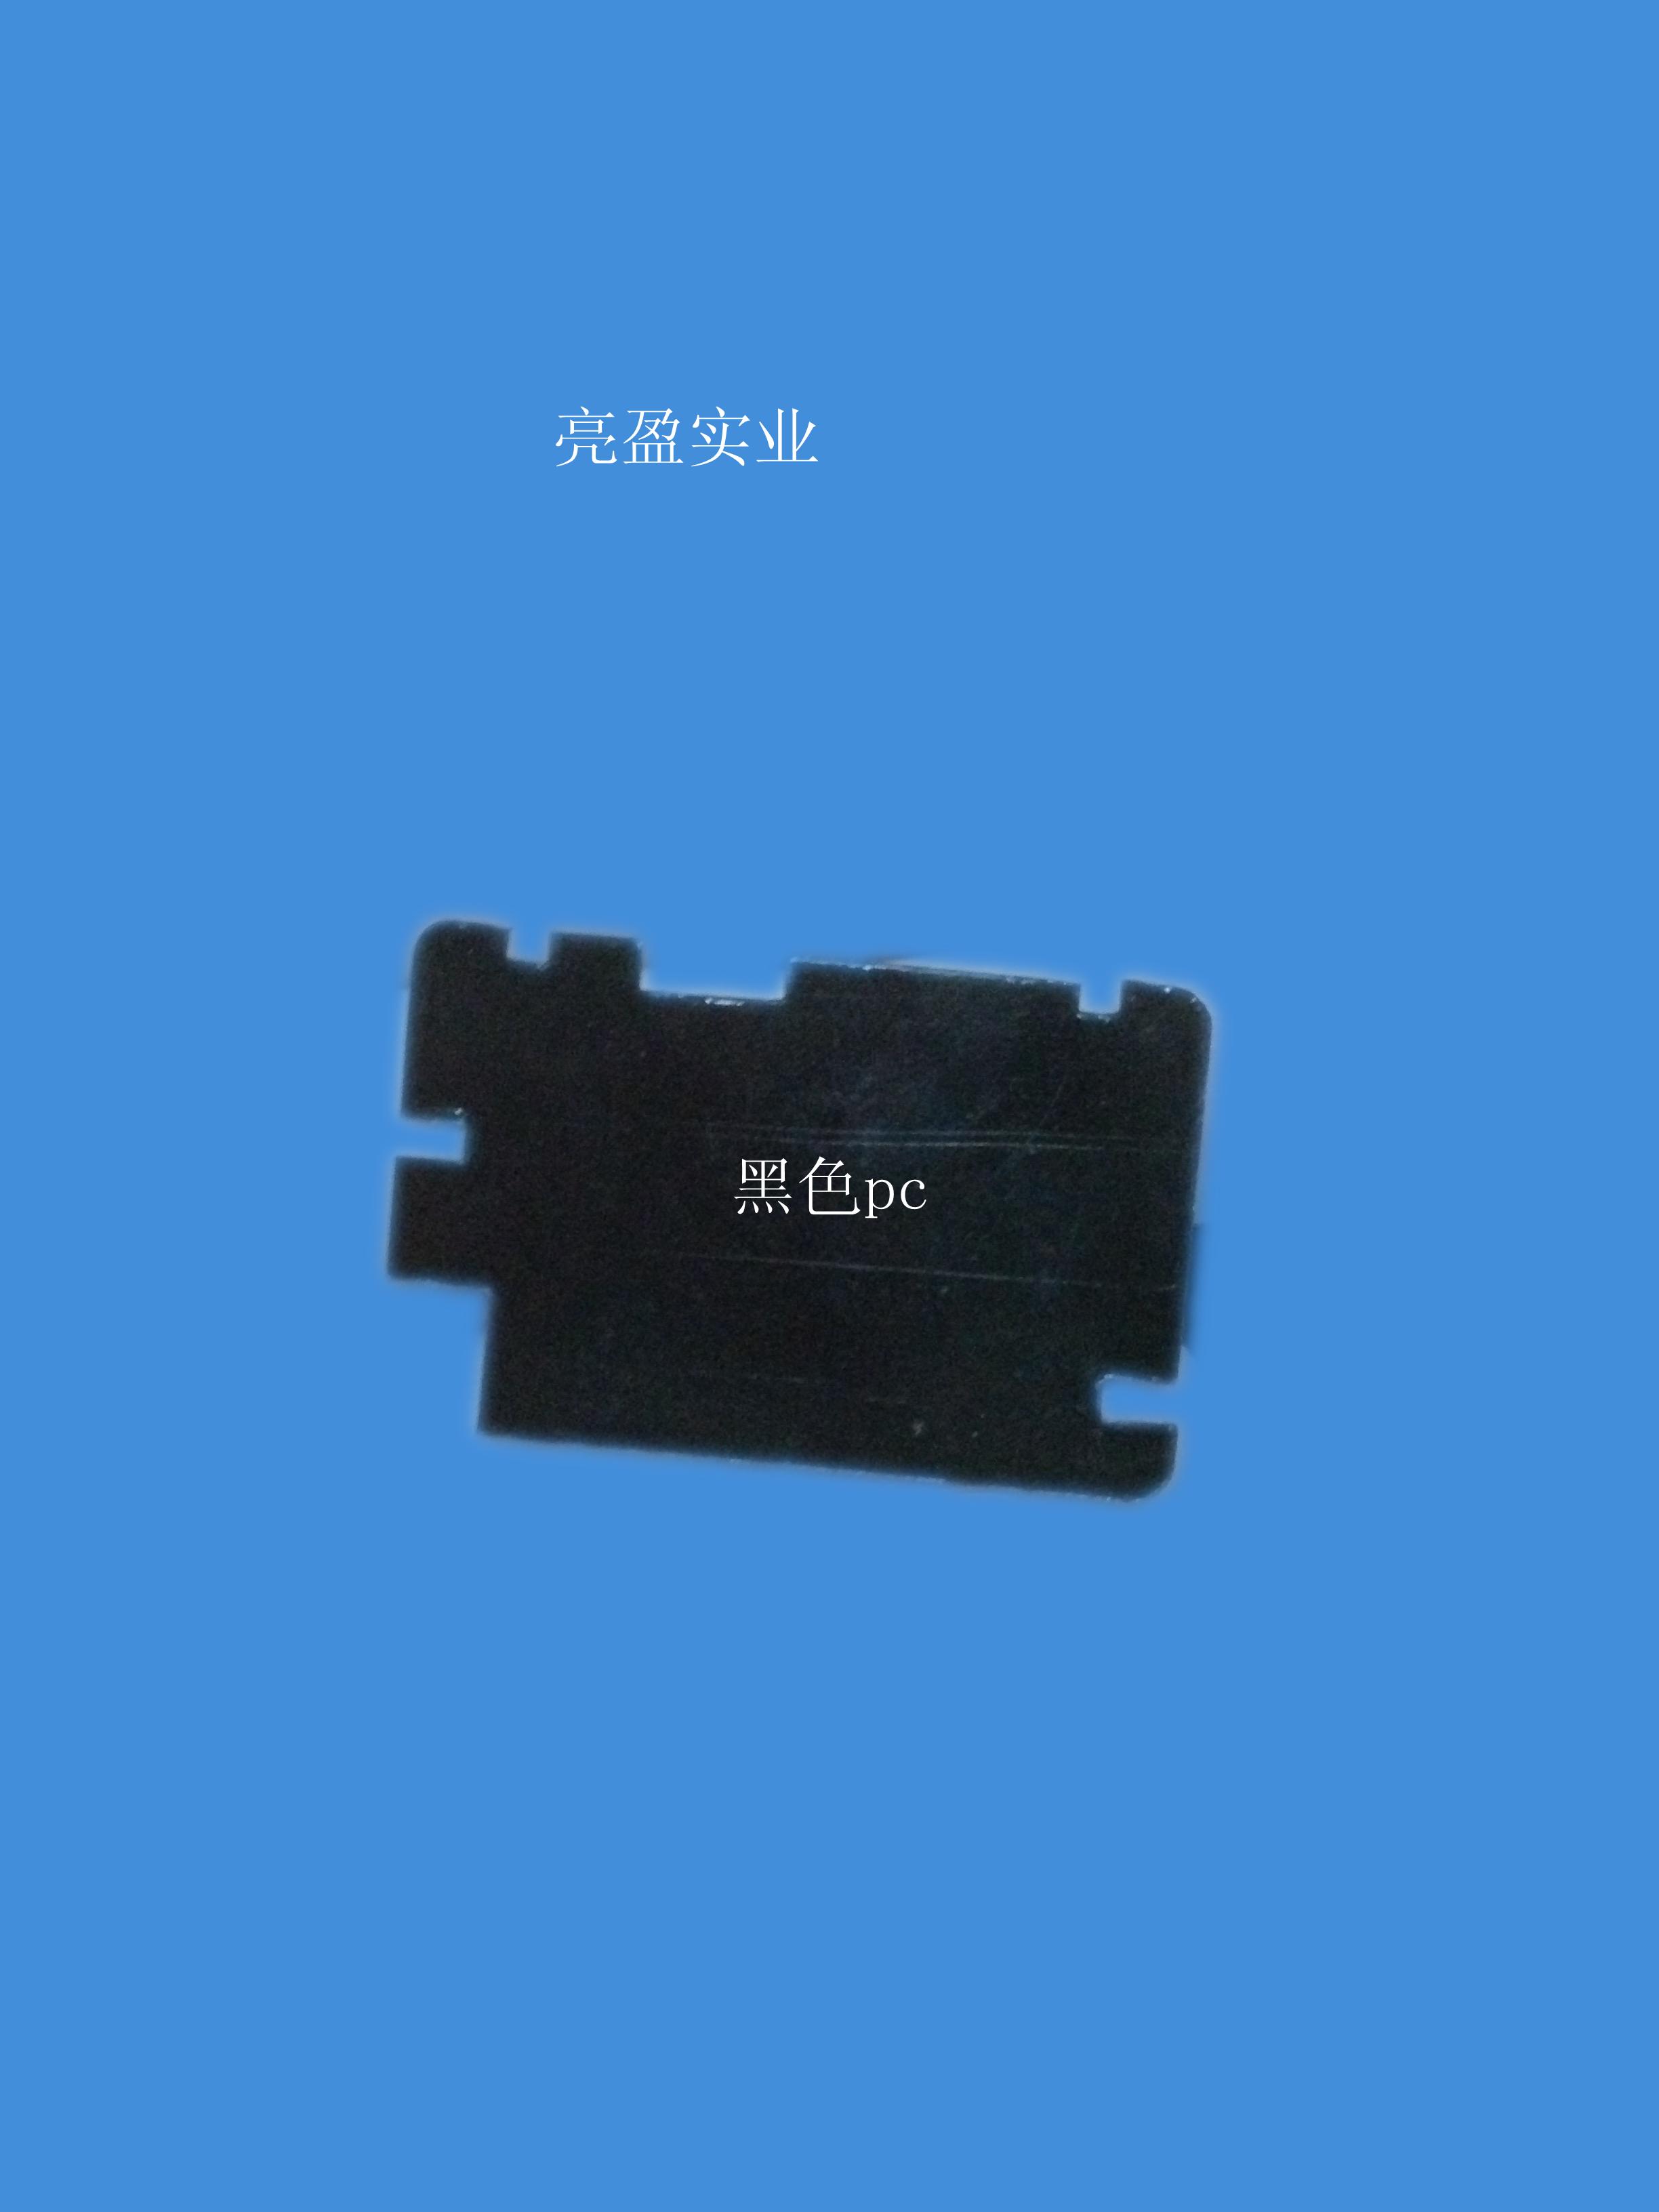 【批发】PC麦拉片 FR系列绝缘片  电源专用耐高温绝缘垫片